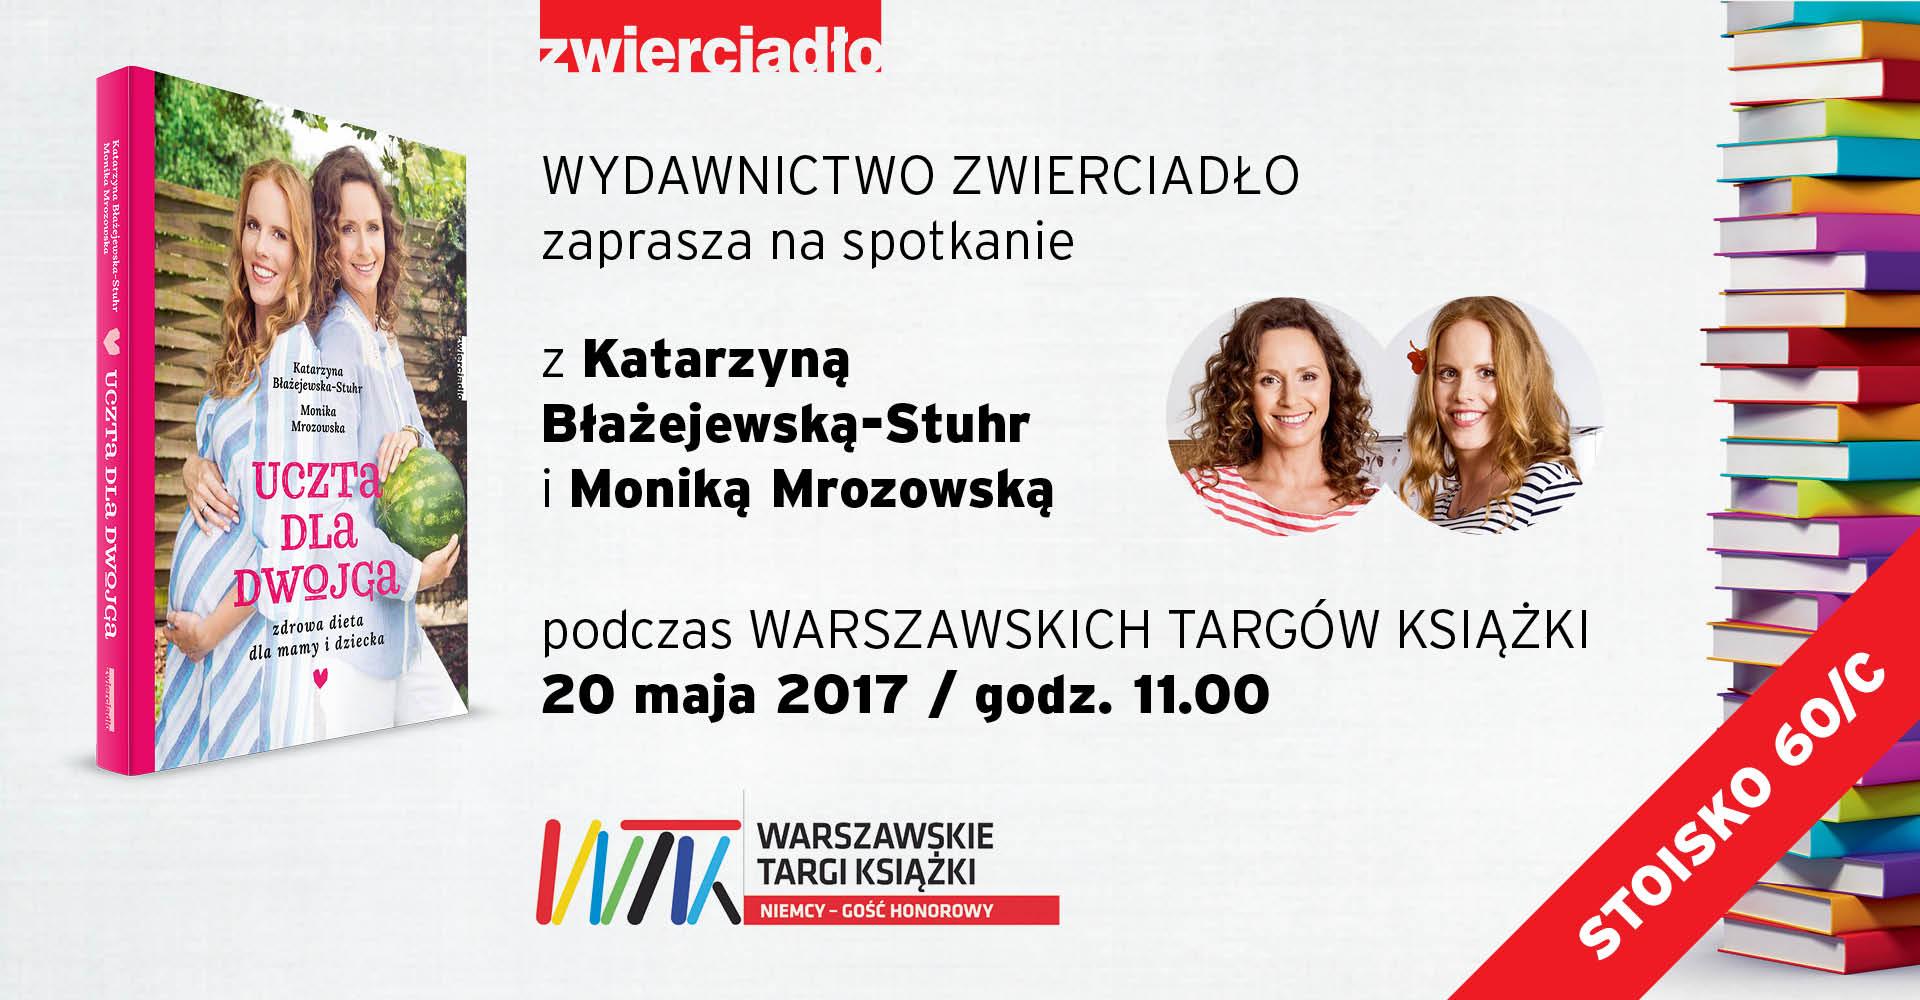 Wydawnictwo Zwierciadło zaprasza na Warszawskie Targi Książki